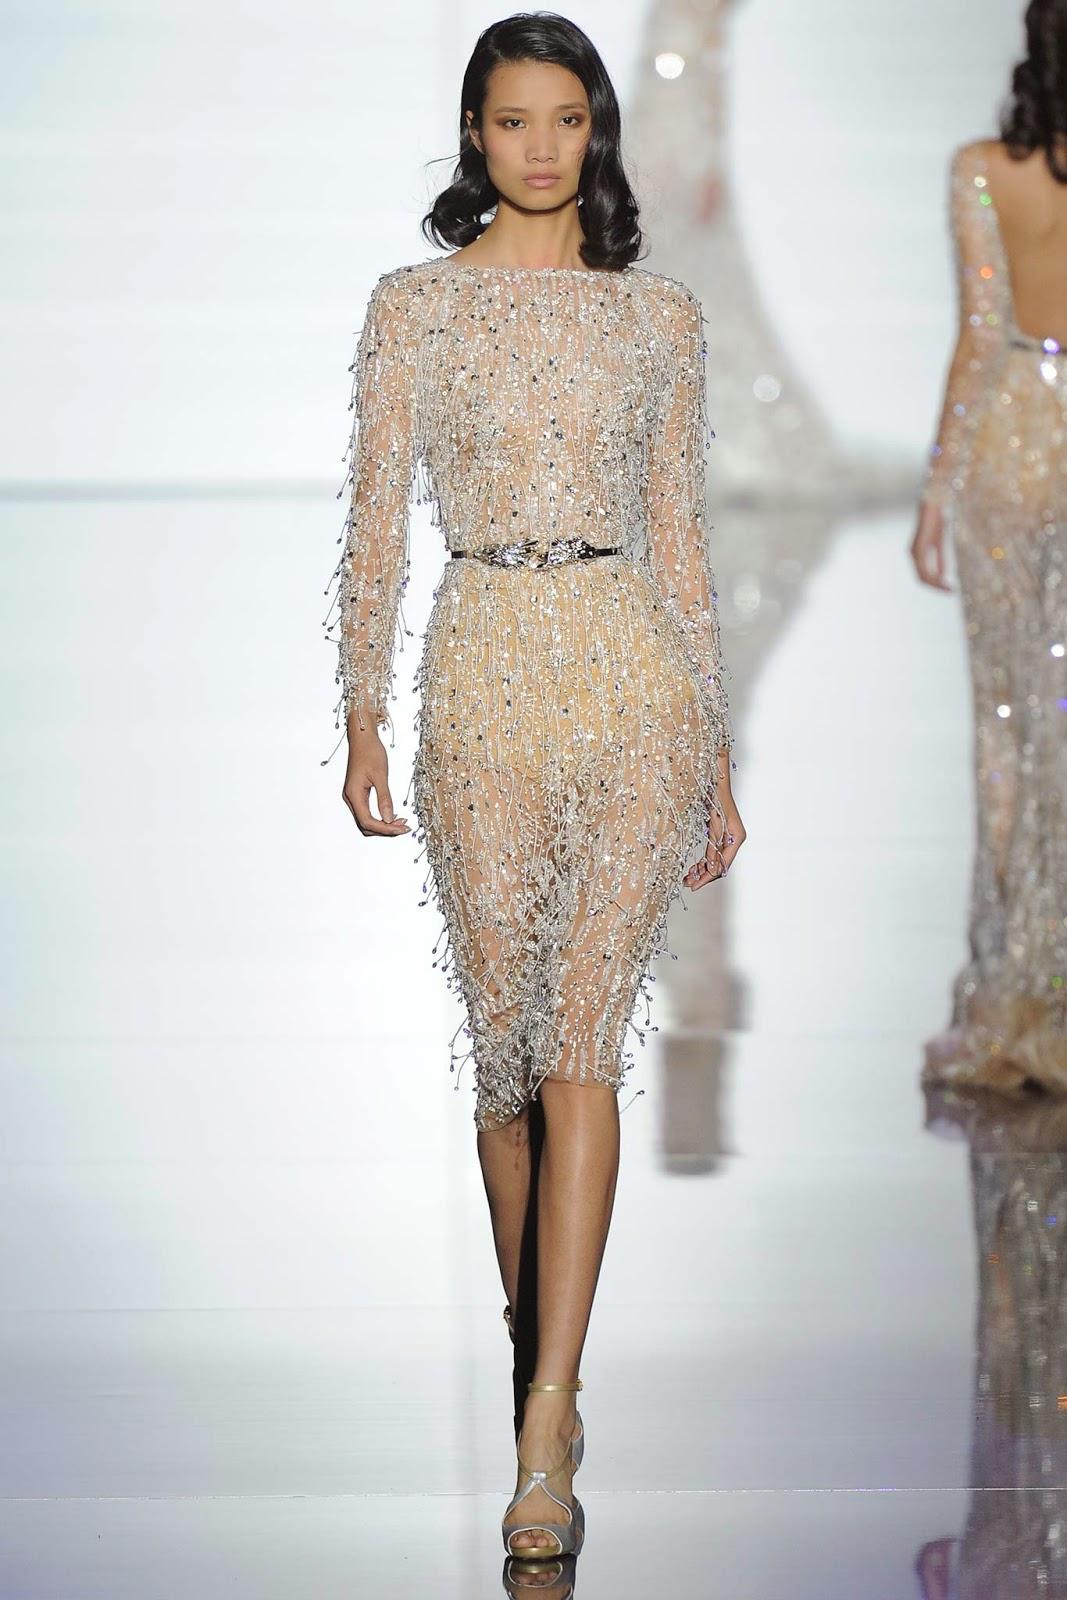 fashioncollectiontrend: Zuhair Murad 12 Kollektion, Zuhair Murad